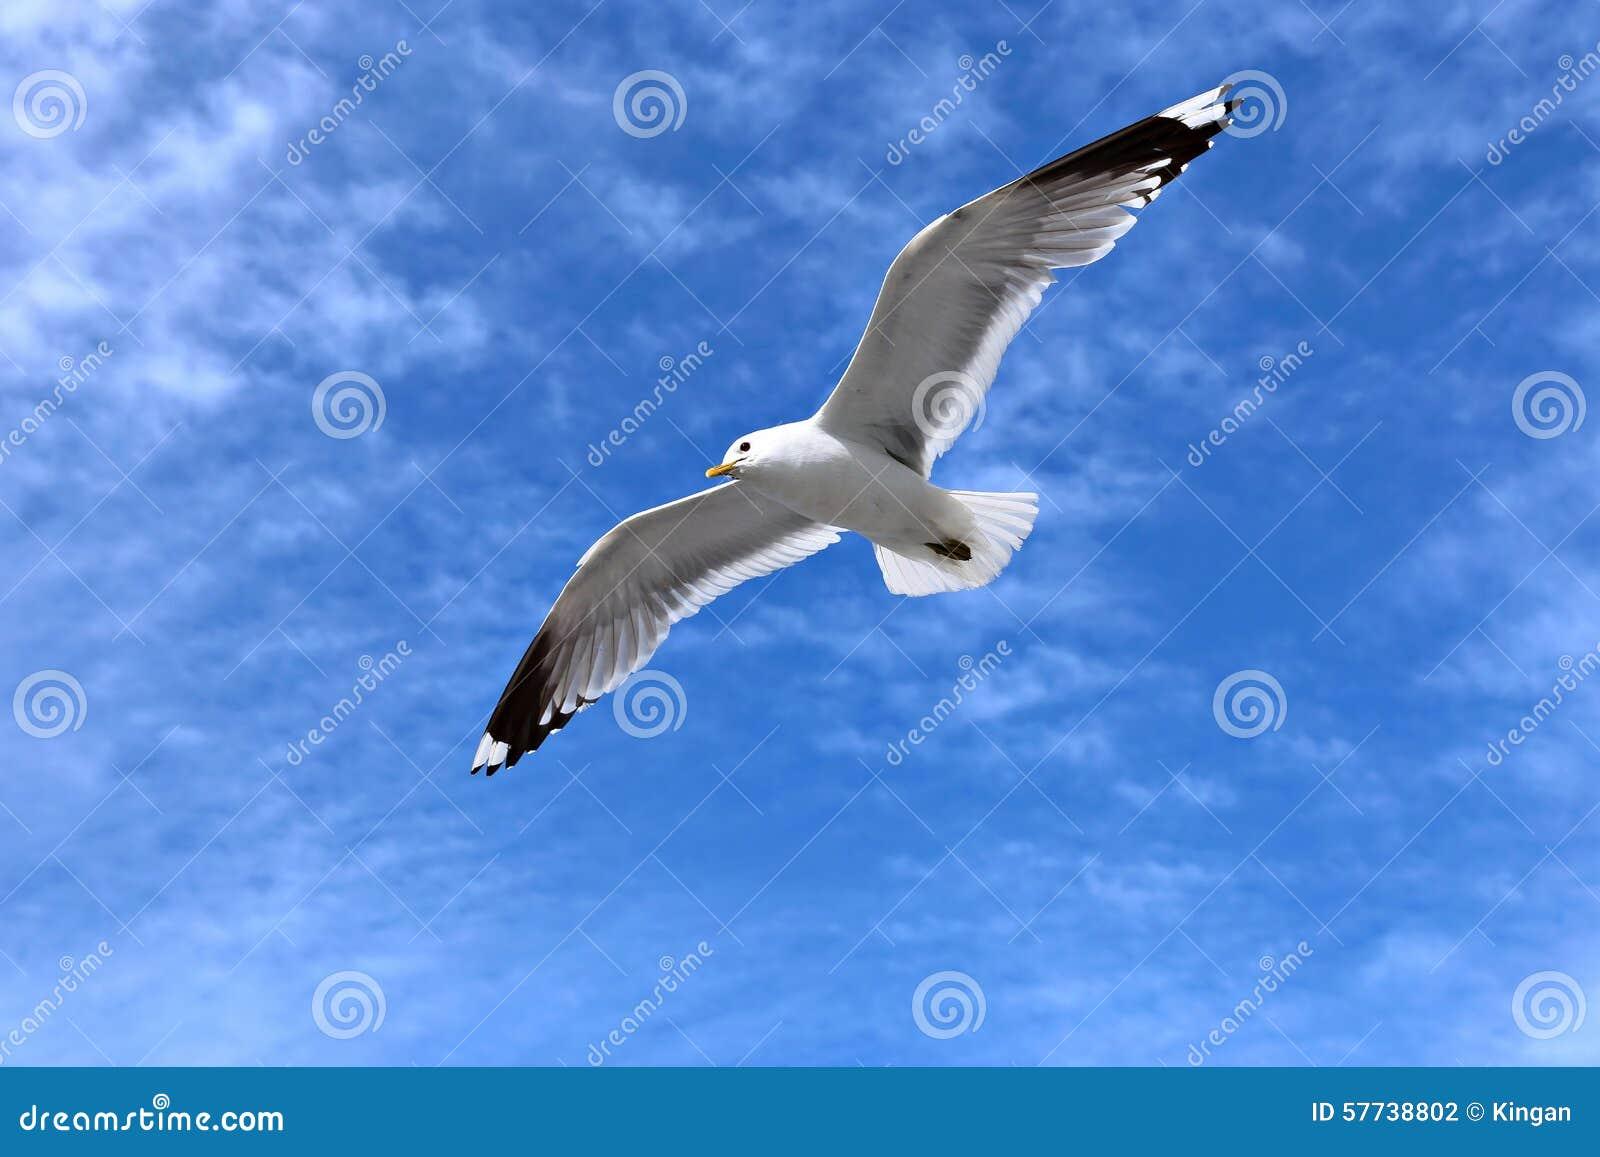 Mediterranean White Seagull Stock Photo - Image: 57738802